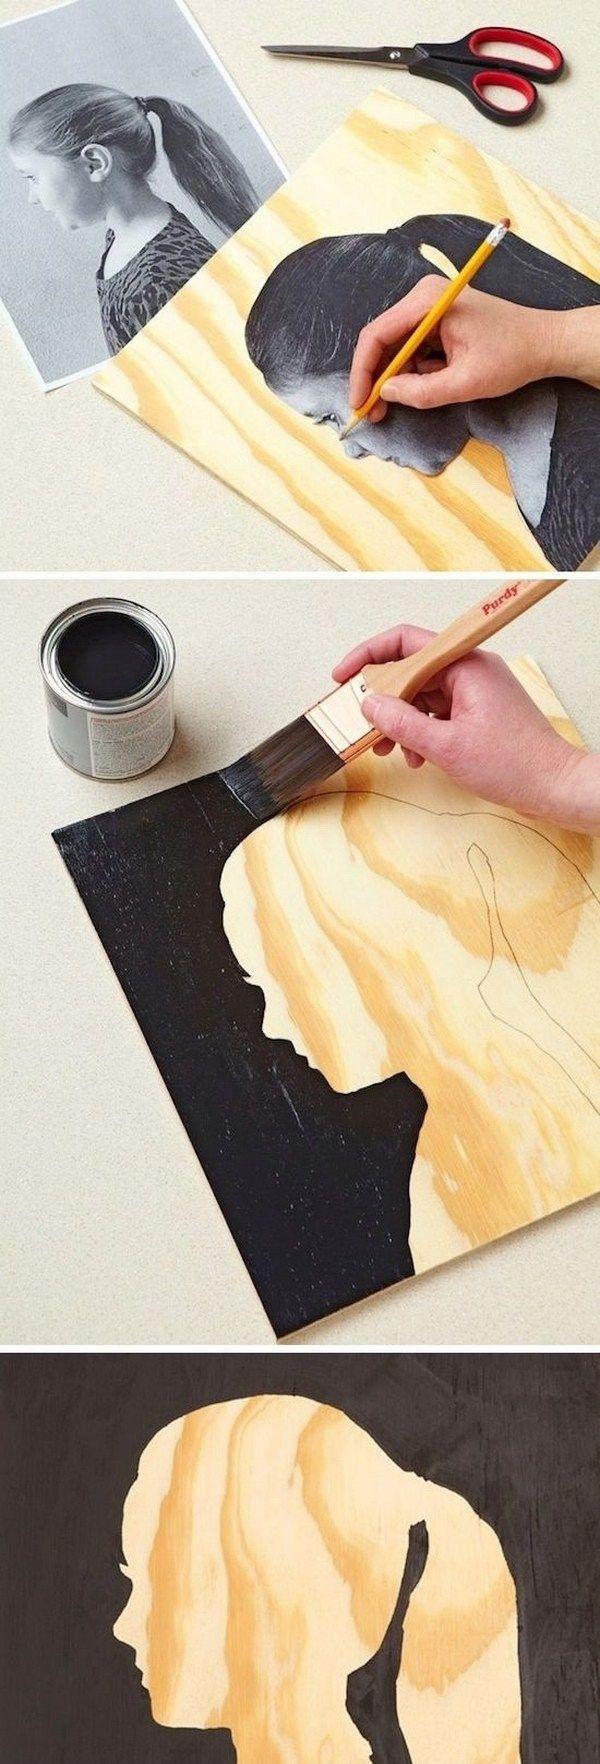 25+ Stunning DIY Wall Art Ideas & Tutorials   DIY   Pinterest ...